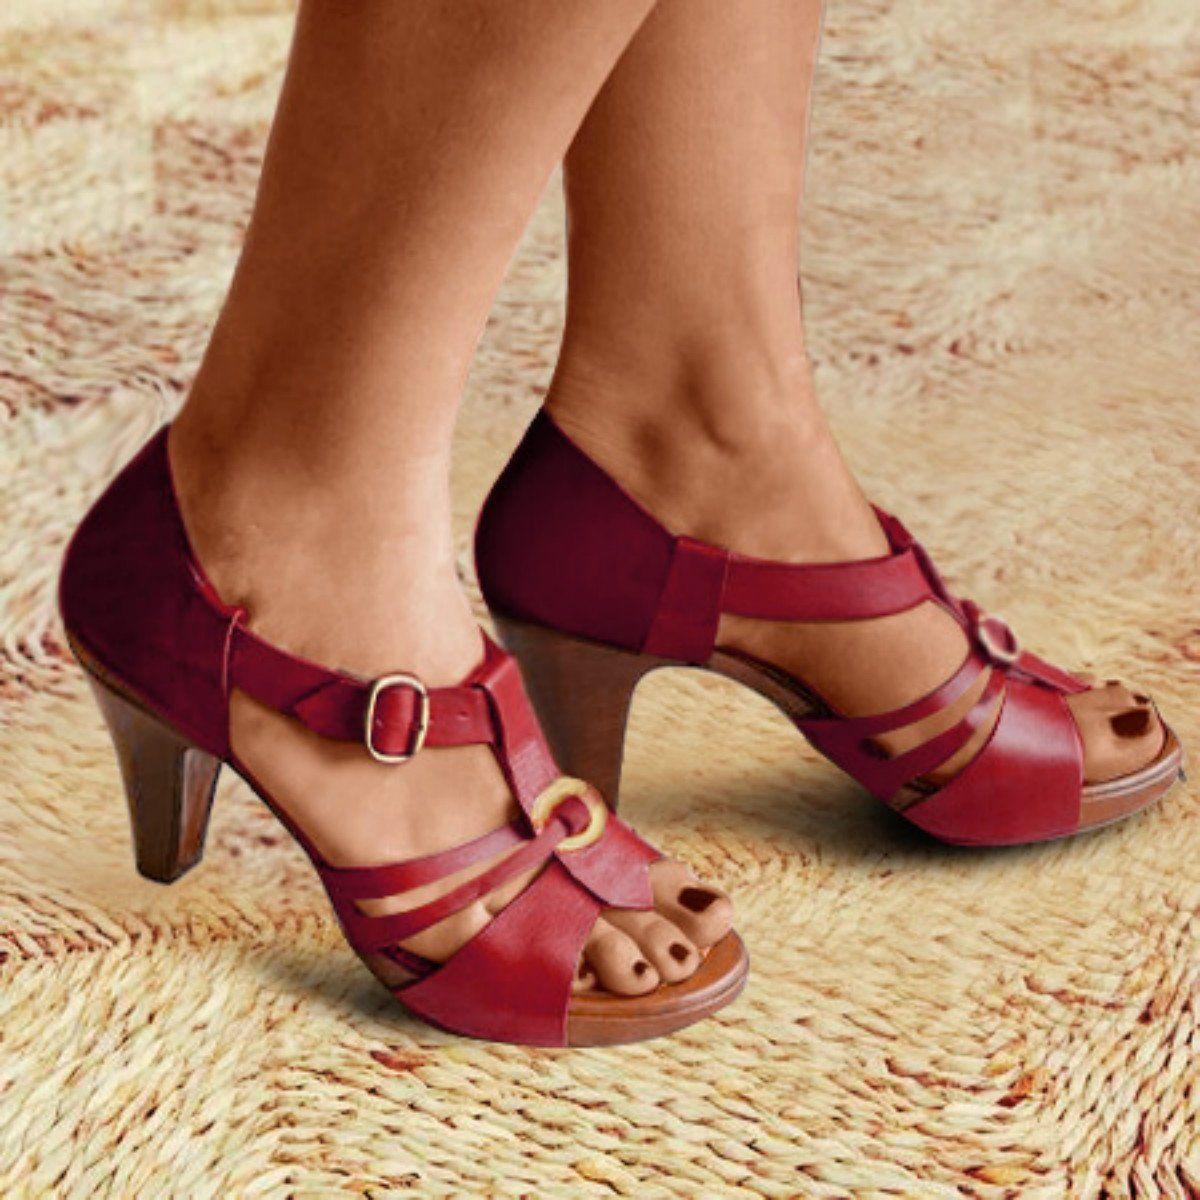 Stylish Peep Toe Zipper Closure Chunky Heeled Sandals in